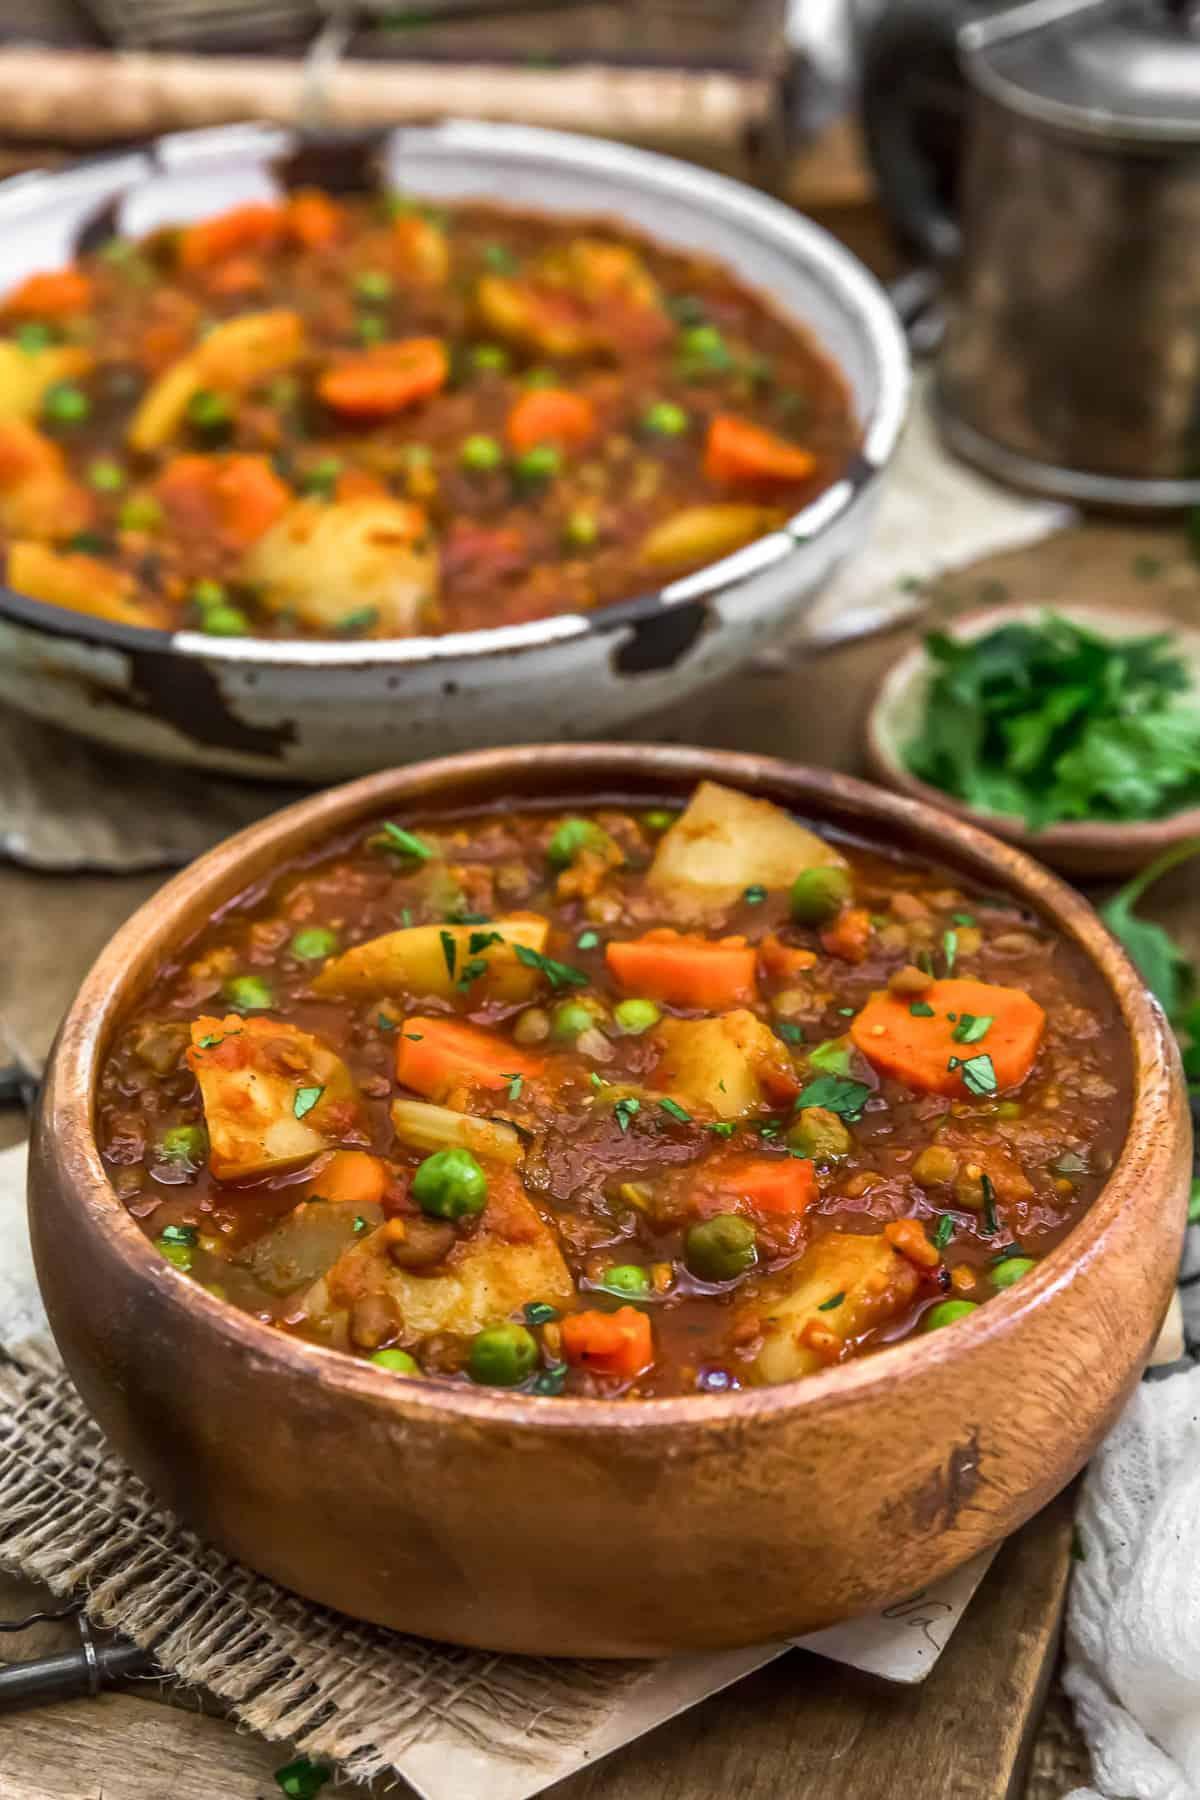 Bowls of Hungarian Lentil Vegetable Stew